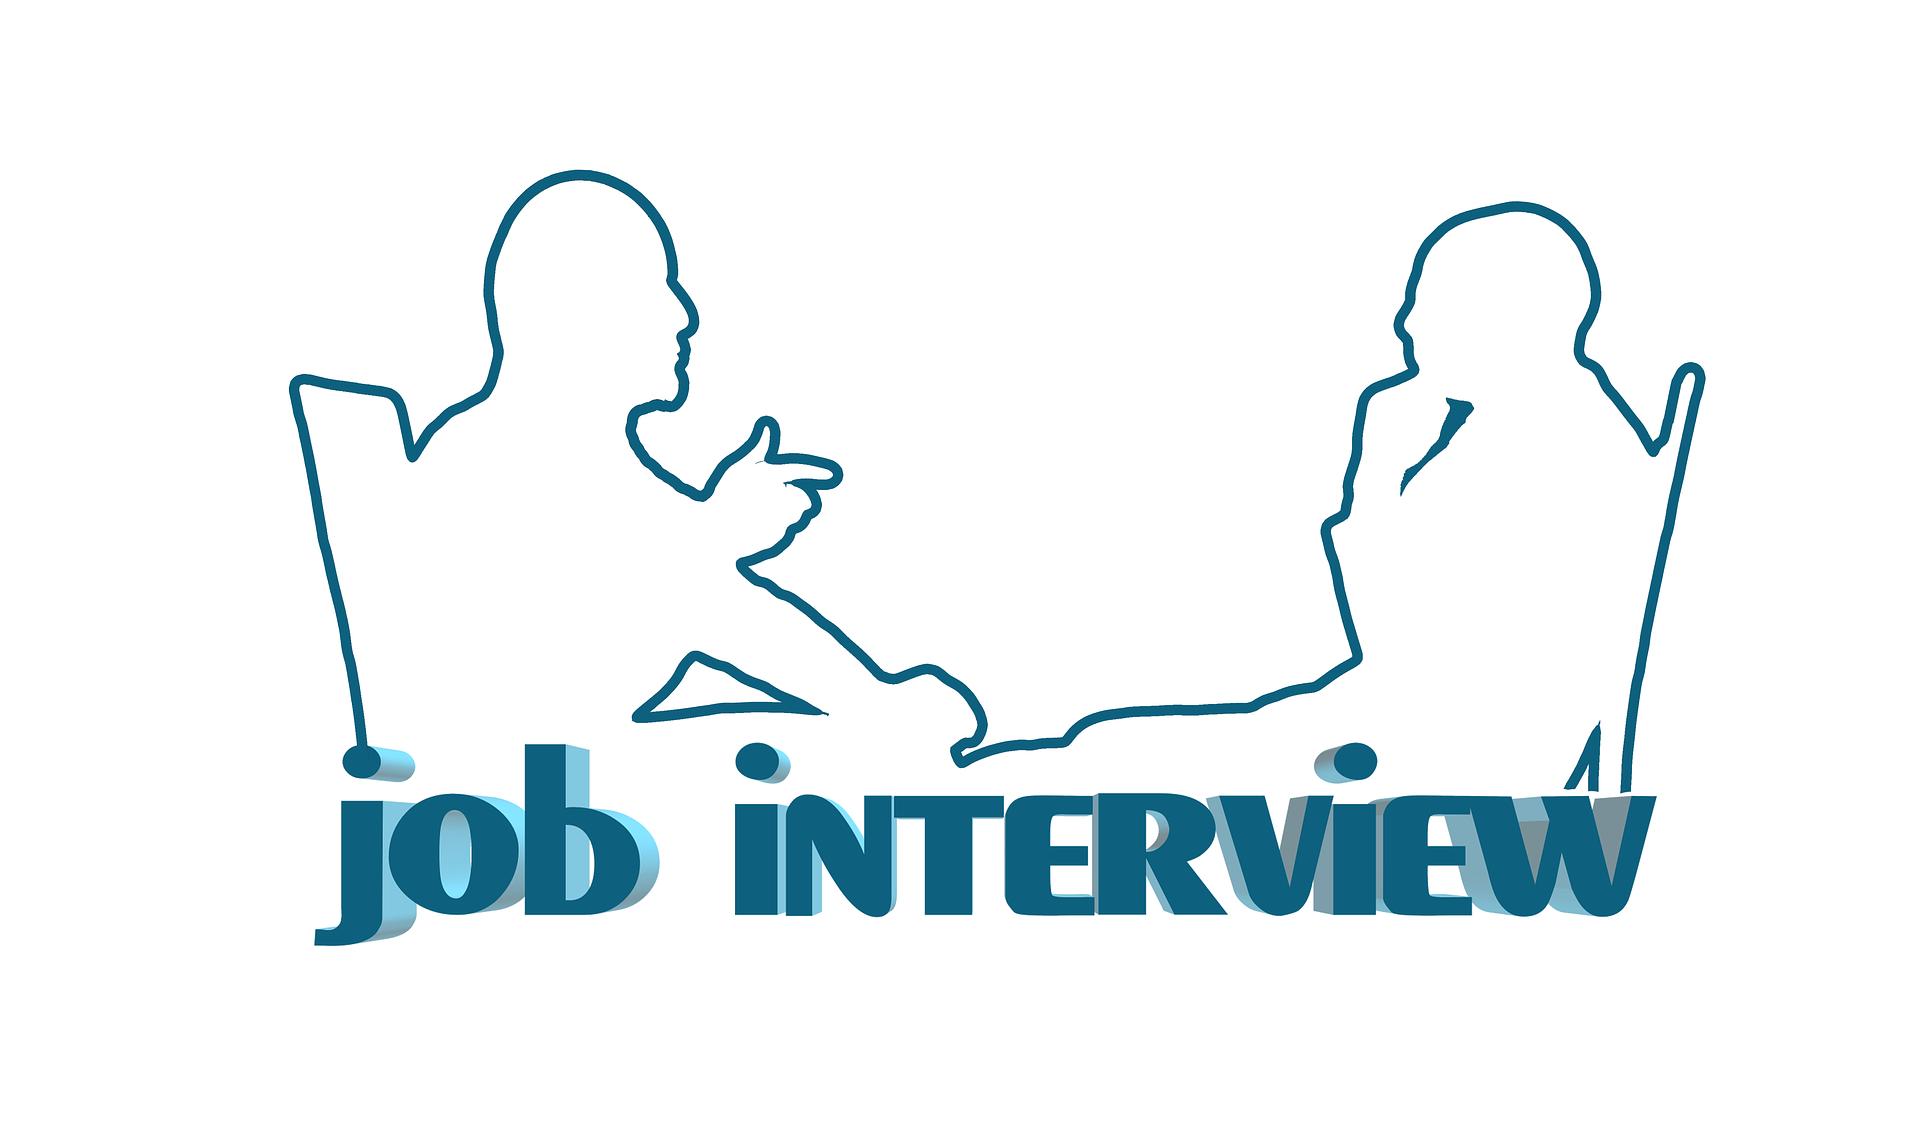 インタビューの前に押さえておくべき取材の5つのコツ